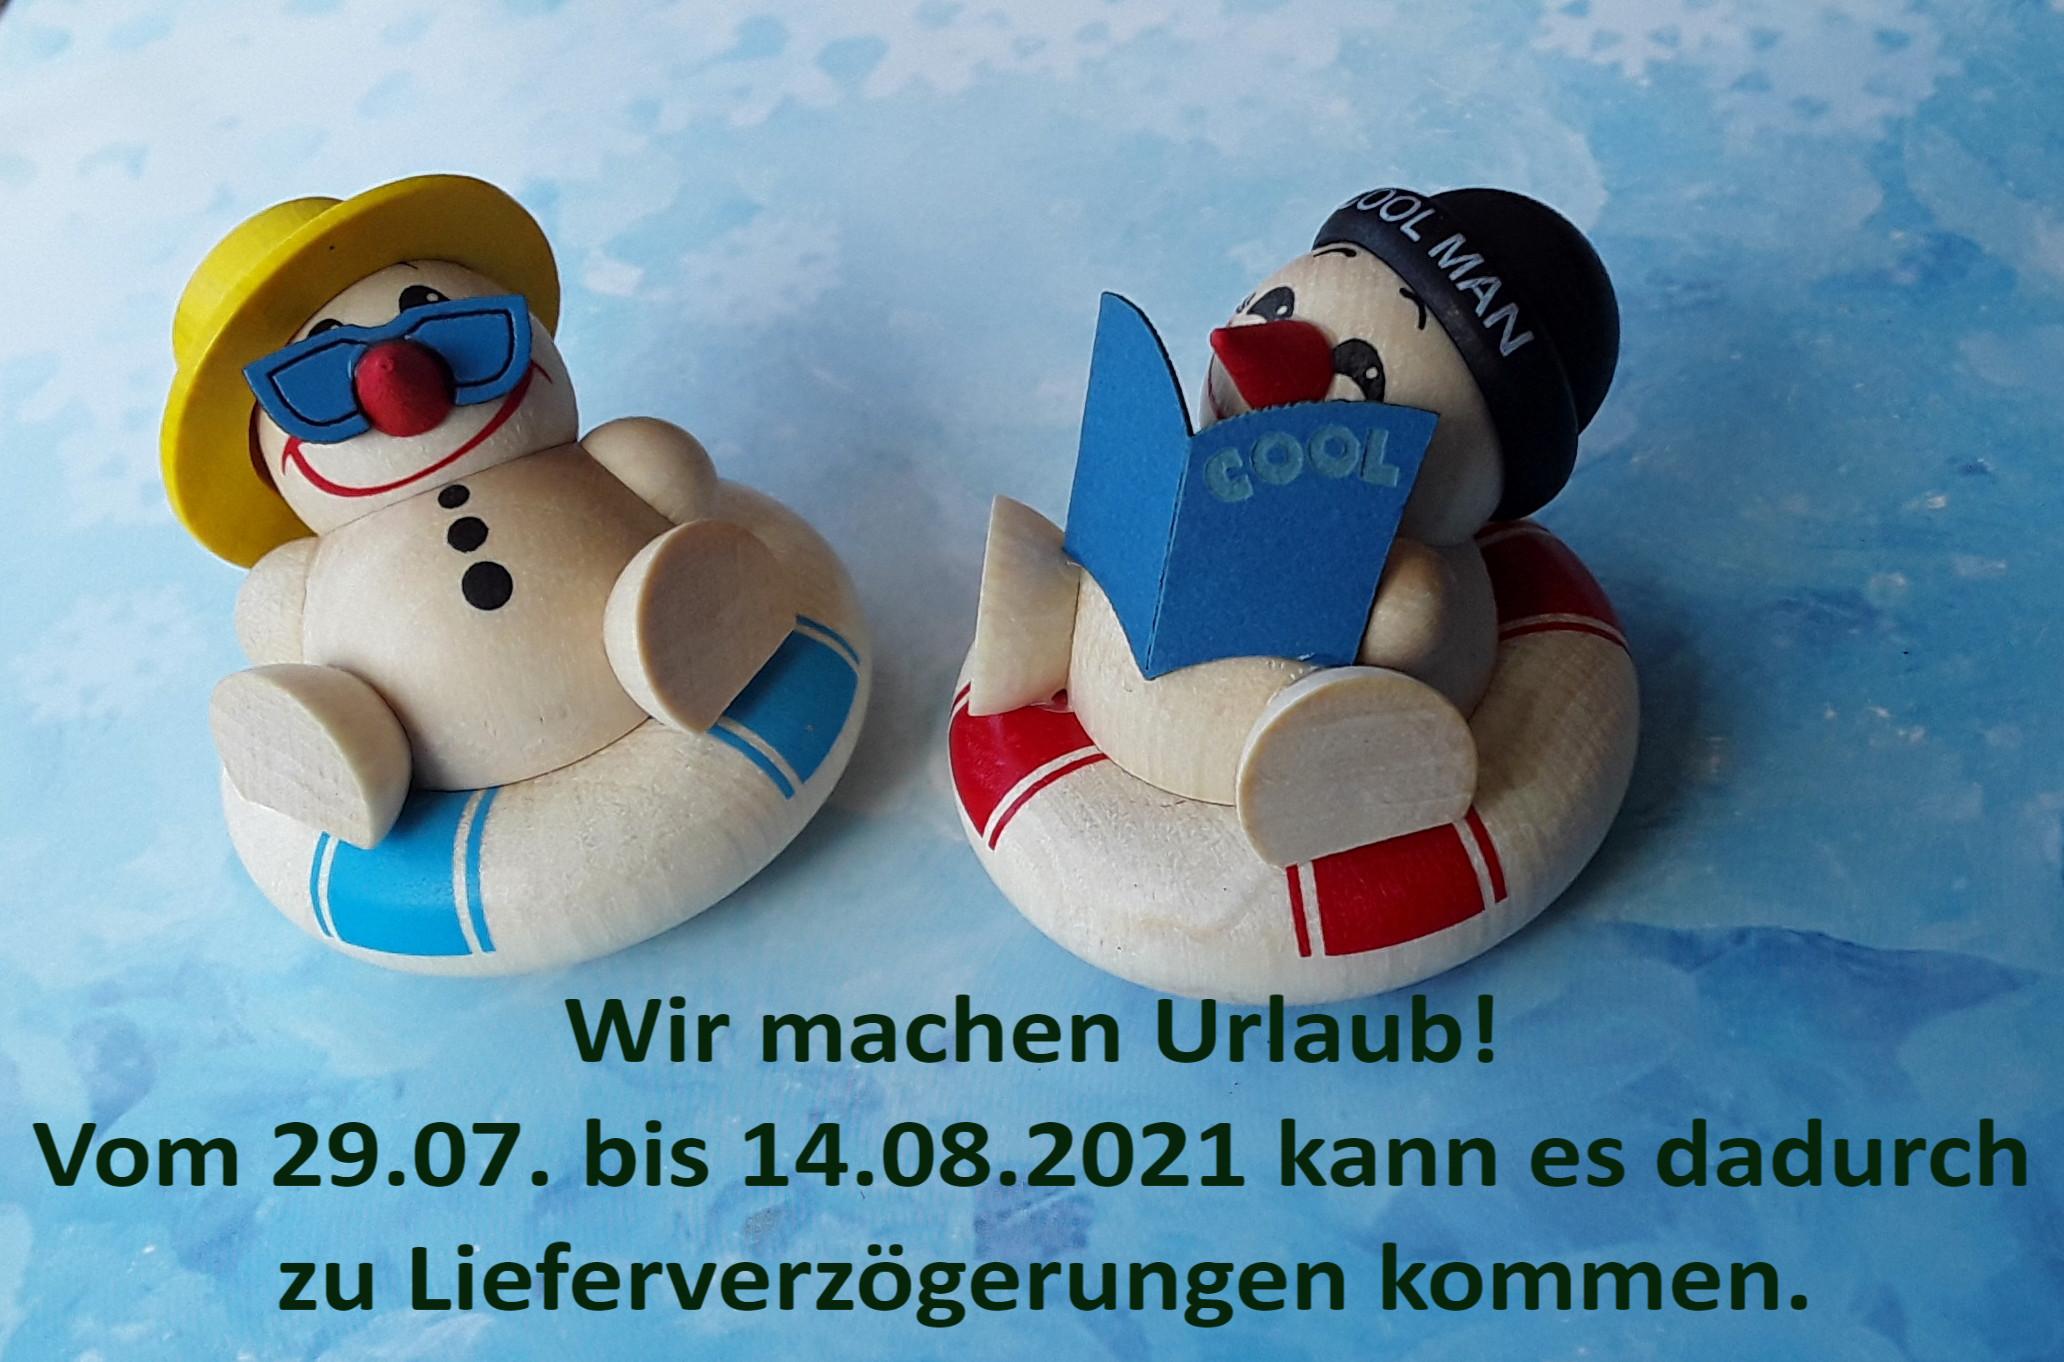 Wir machen Urlaub! Vom 29.07 bis 14.08.2021 kann es dadurch zu Lieferverzögerungen kommen.